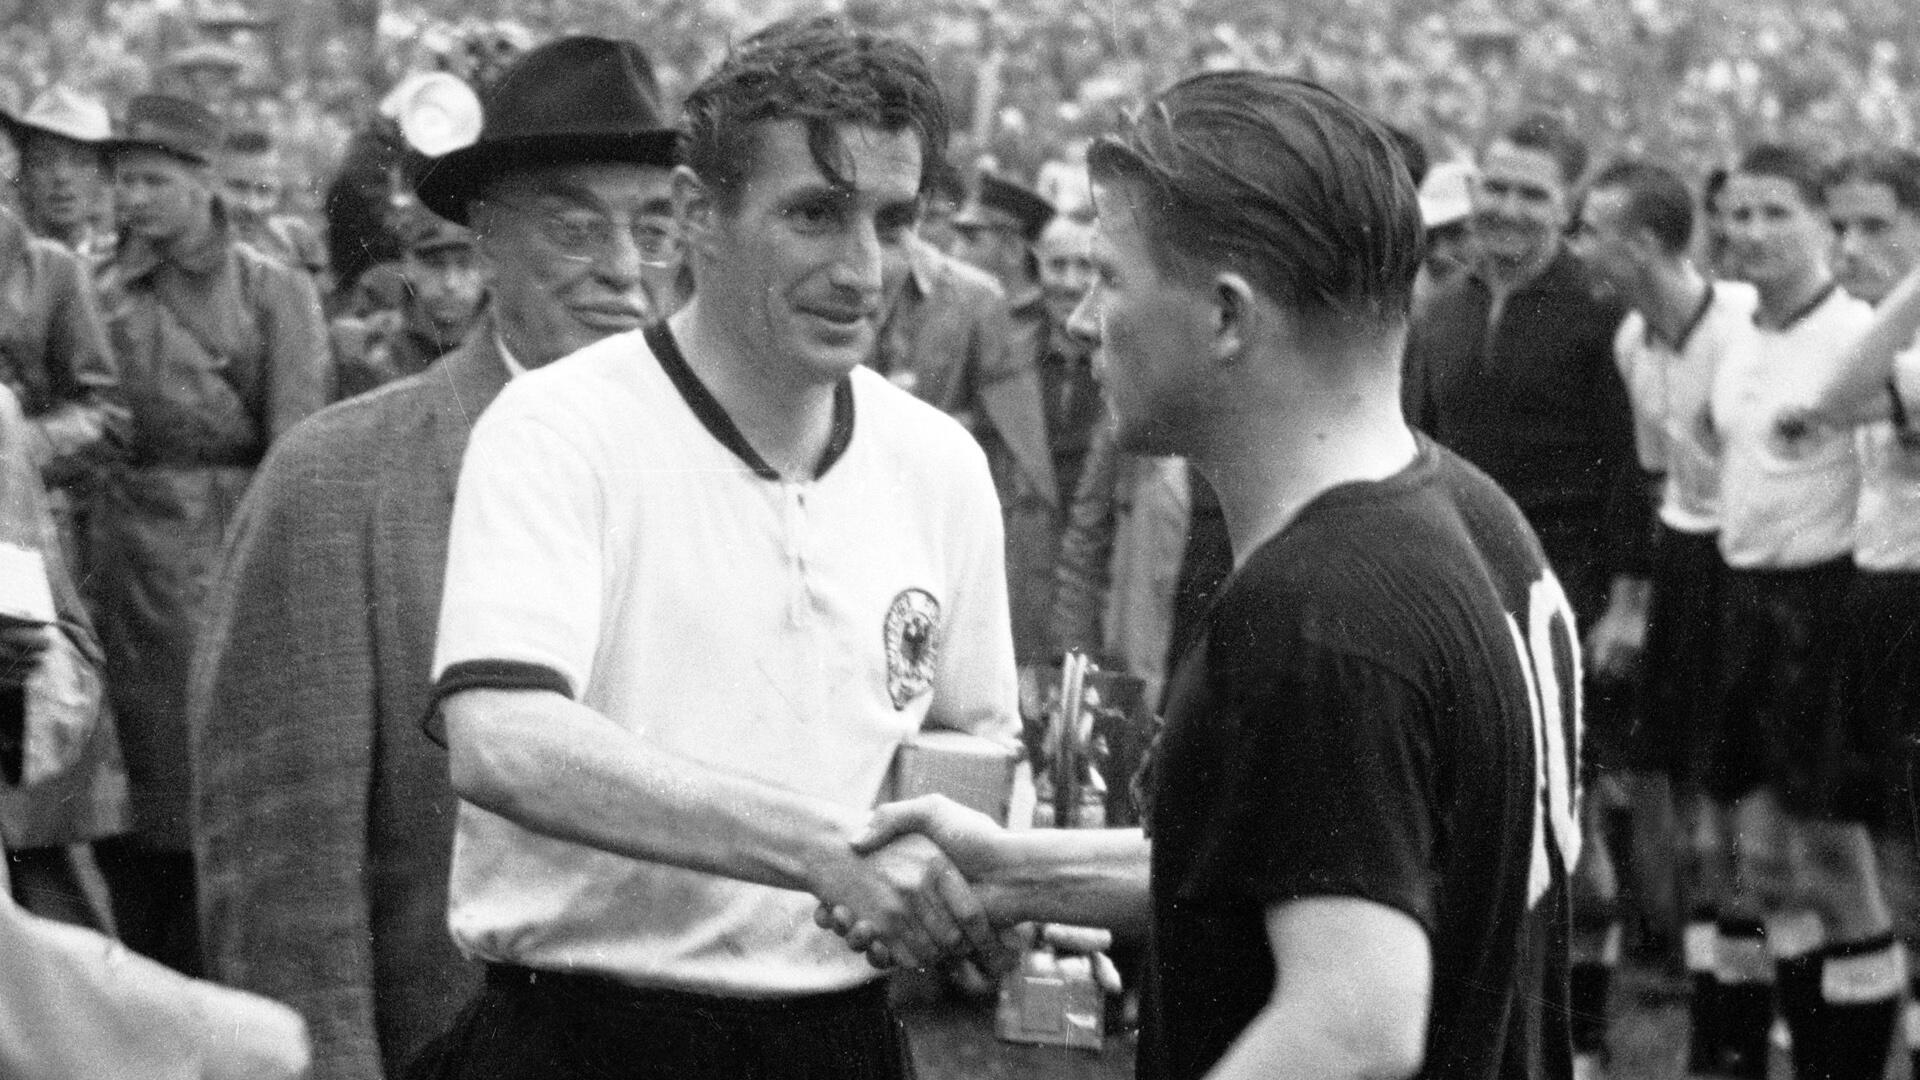 Bild zu WM 1954, Bern, Fritz Walter, Ferenc Puskas, Gratulation, Endspiel, Pokal, Deutschland, Ungarn